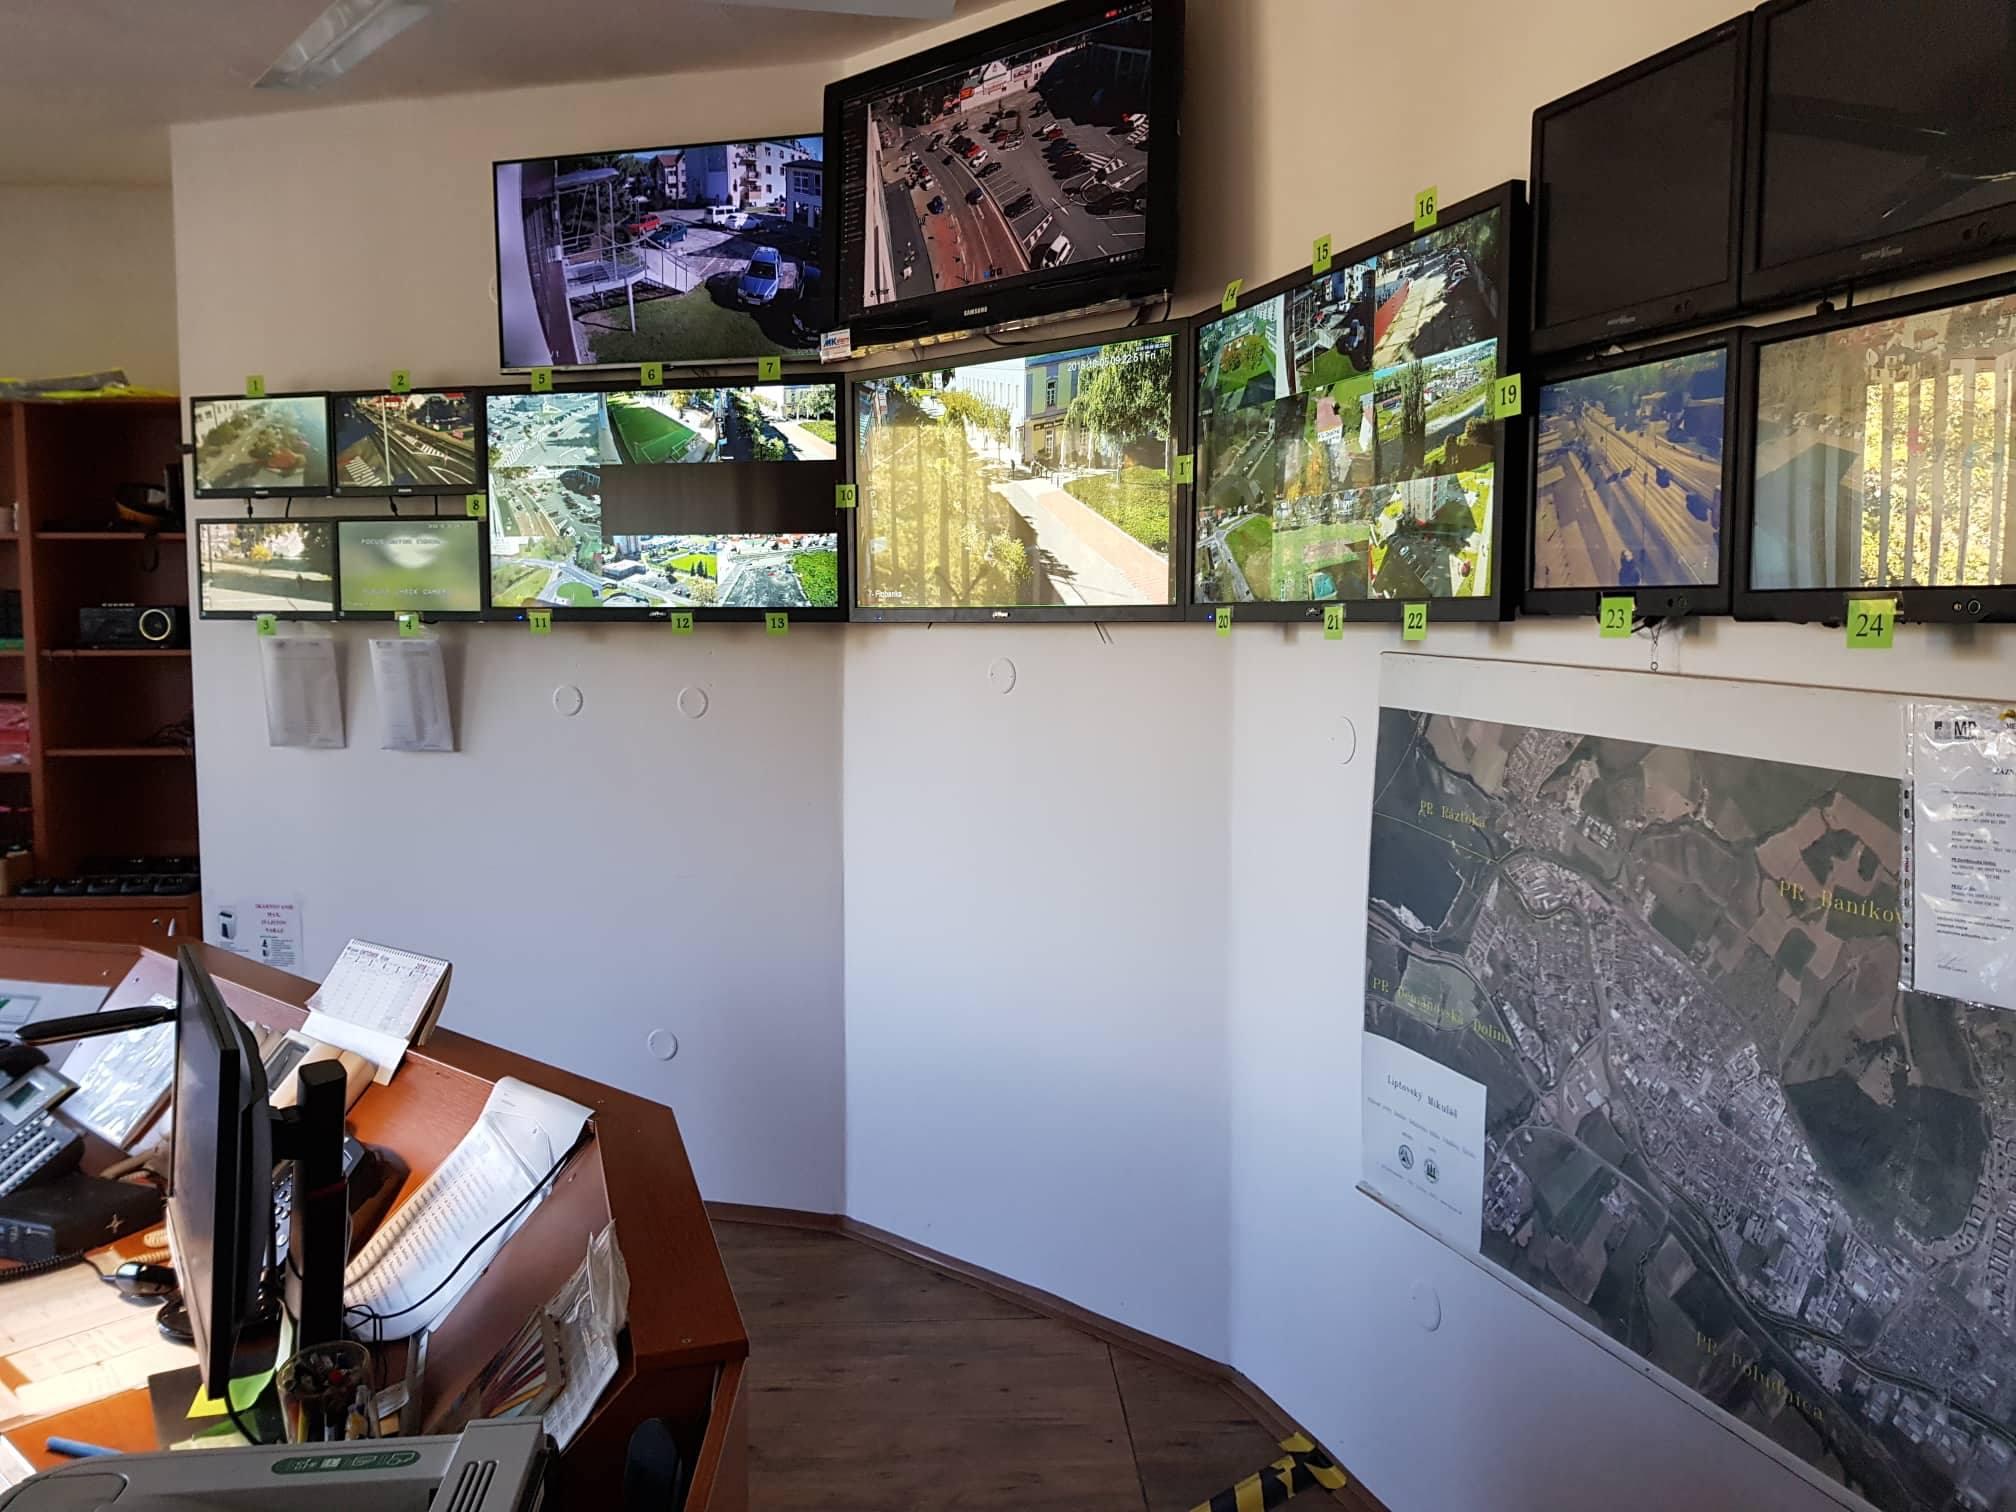 Bezpečnosť a ochrana majetku: V meste inštalujú moderné kamery